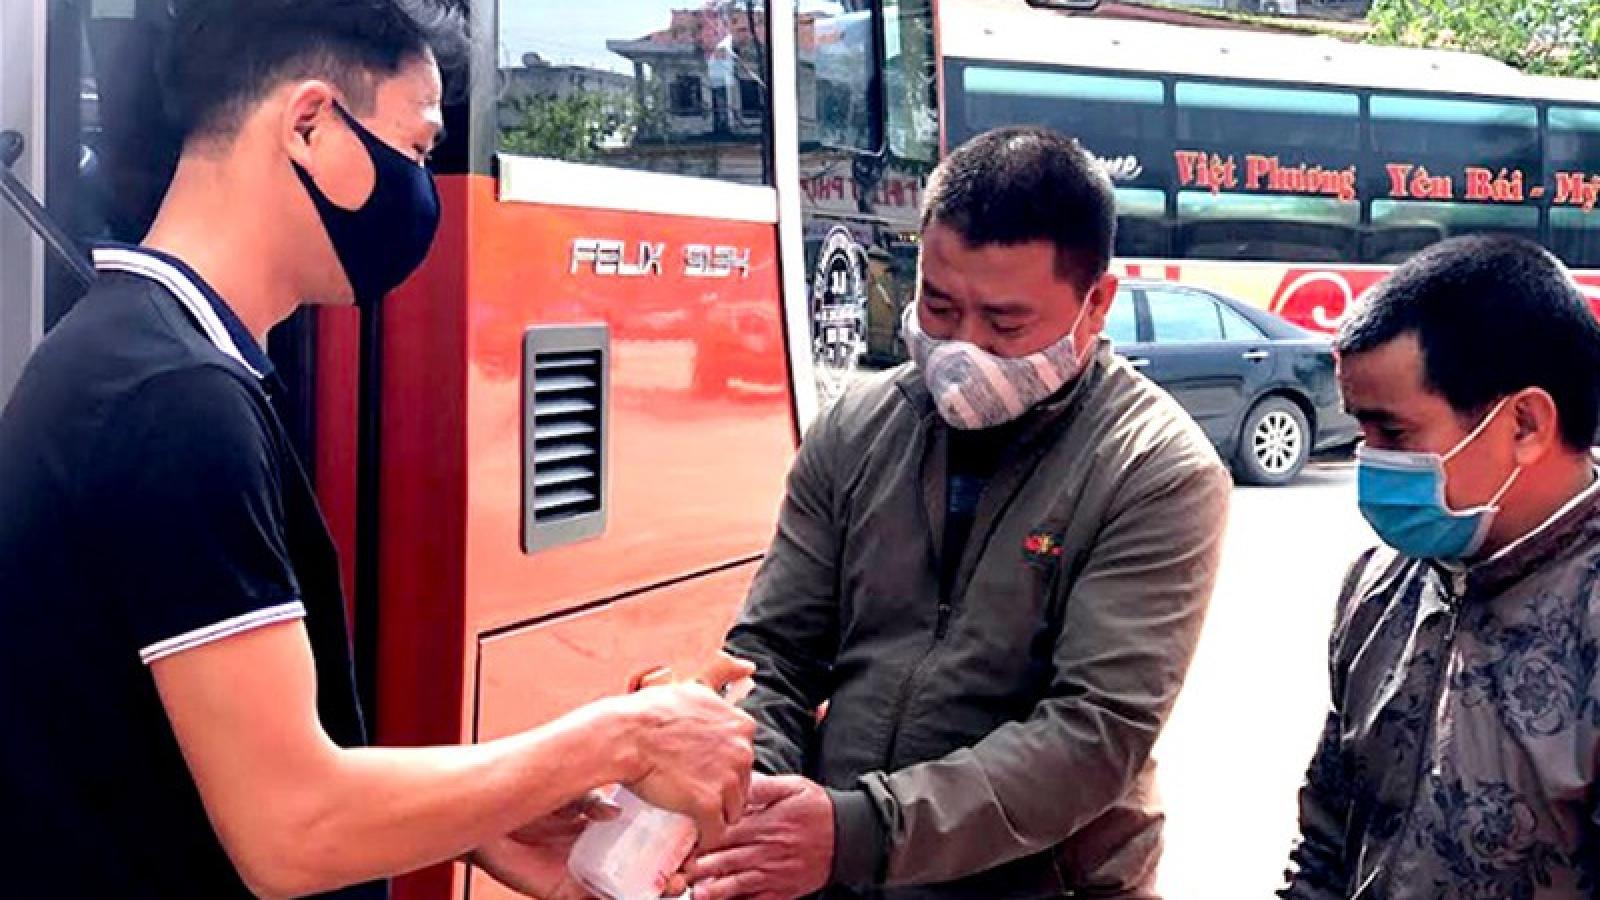 Yên Bái kích hoạt biện pháp phòng chống dịch trong vận tải khách